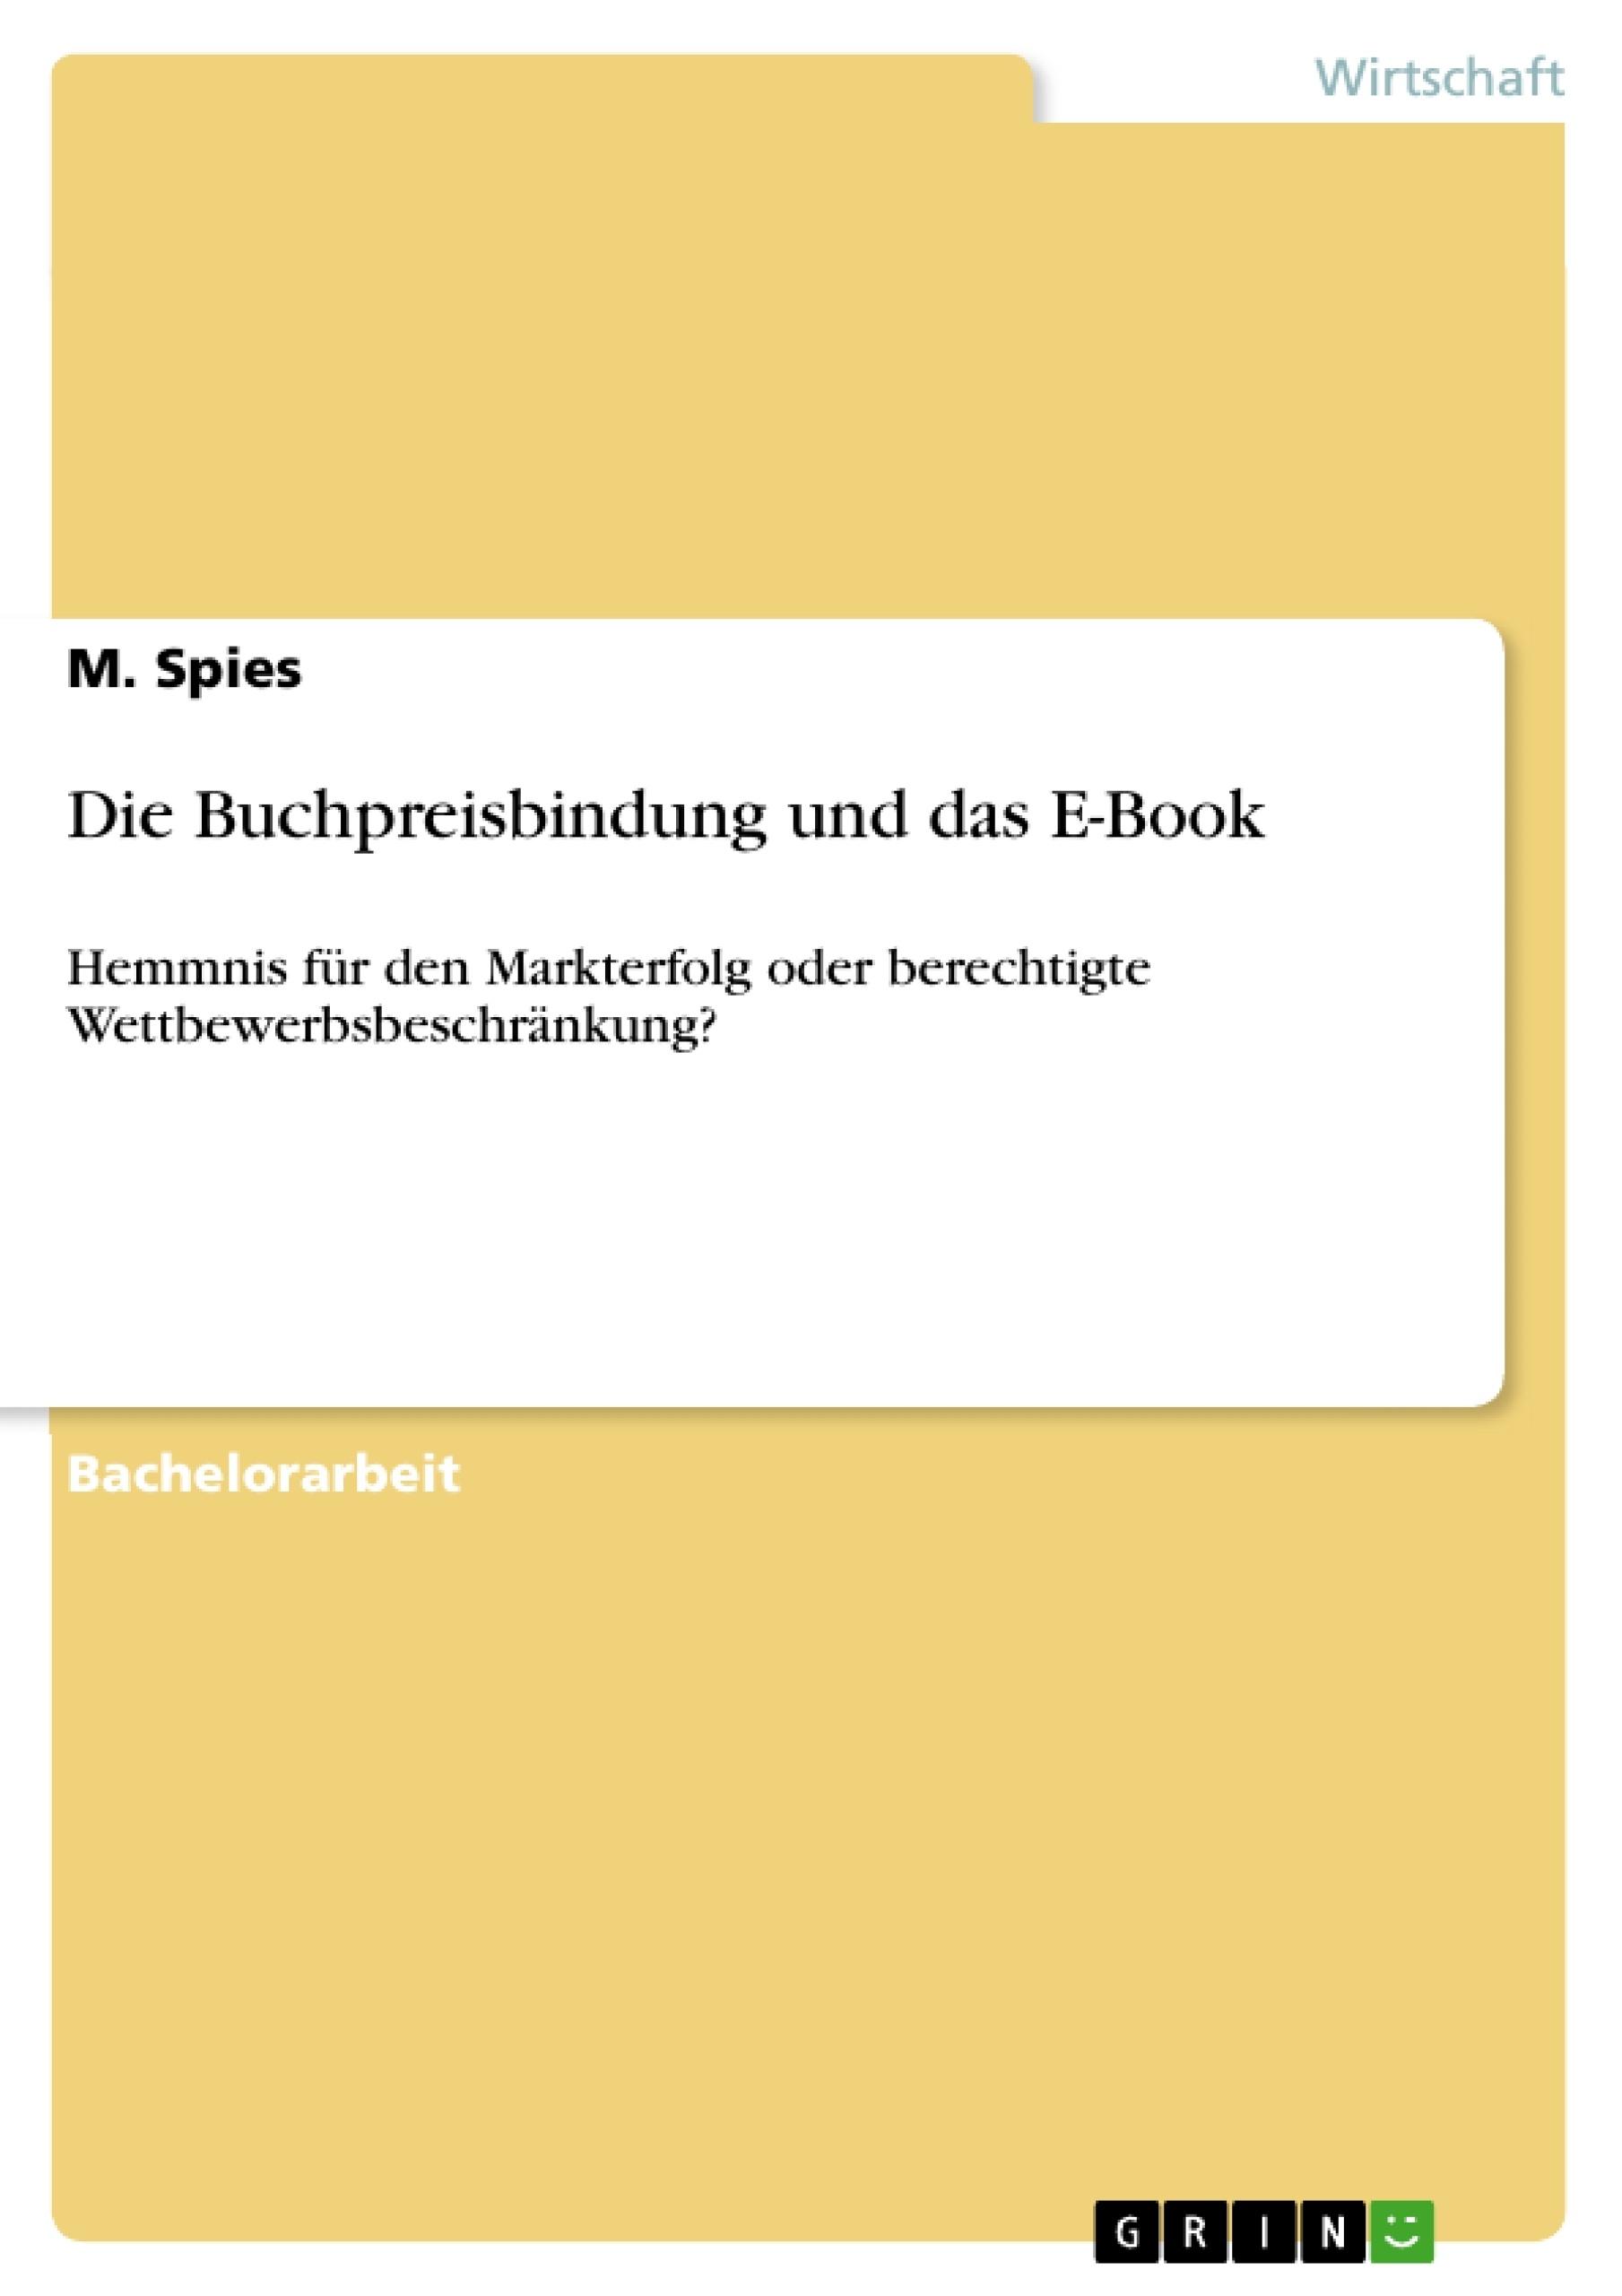 Titel: Die Buchpreisbindung und das E-Book